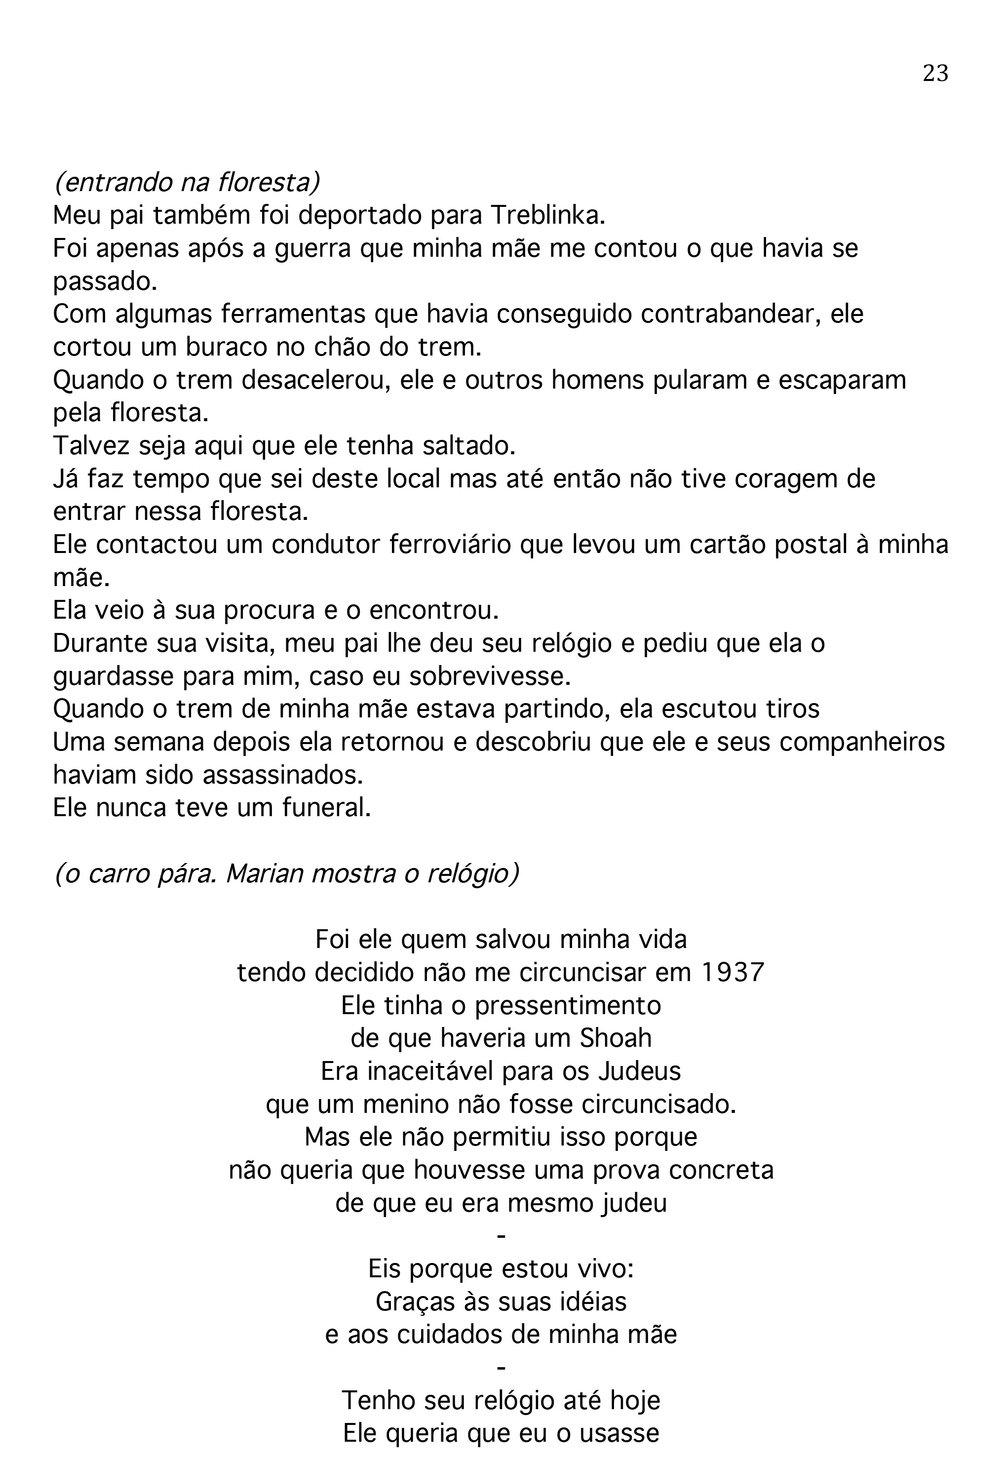 PORTUGUESE-SCRIPT-23.jpg